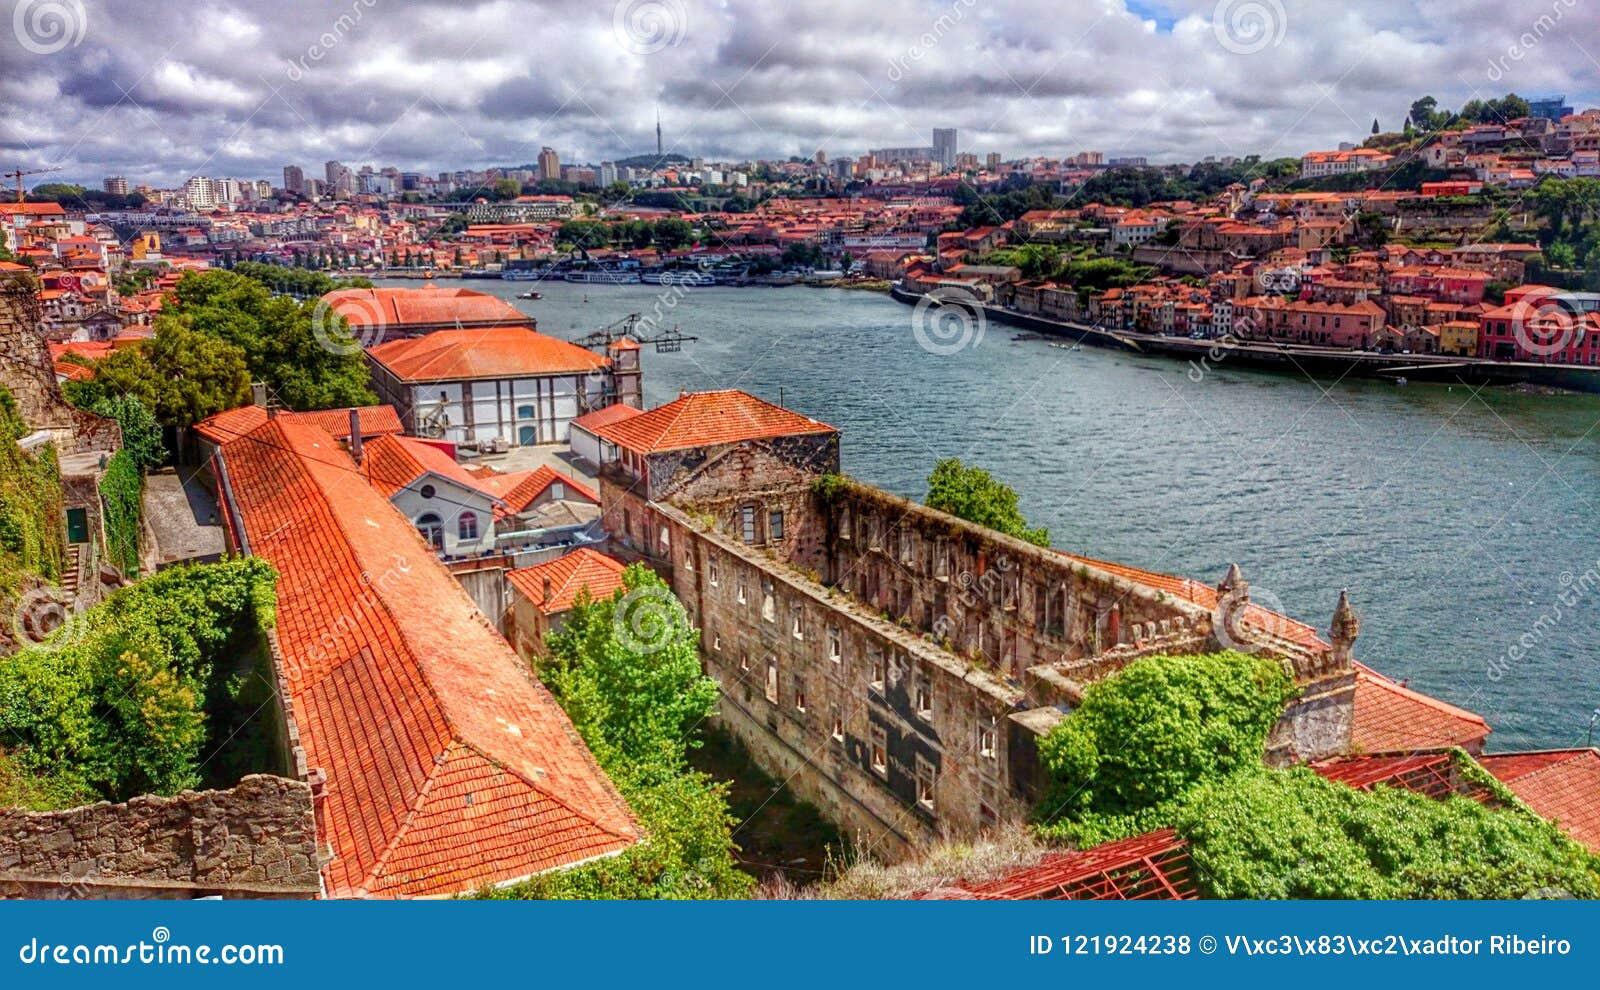 View on Douro River in Porto